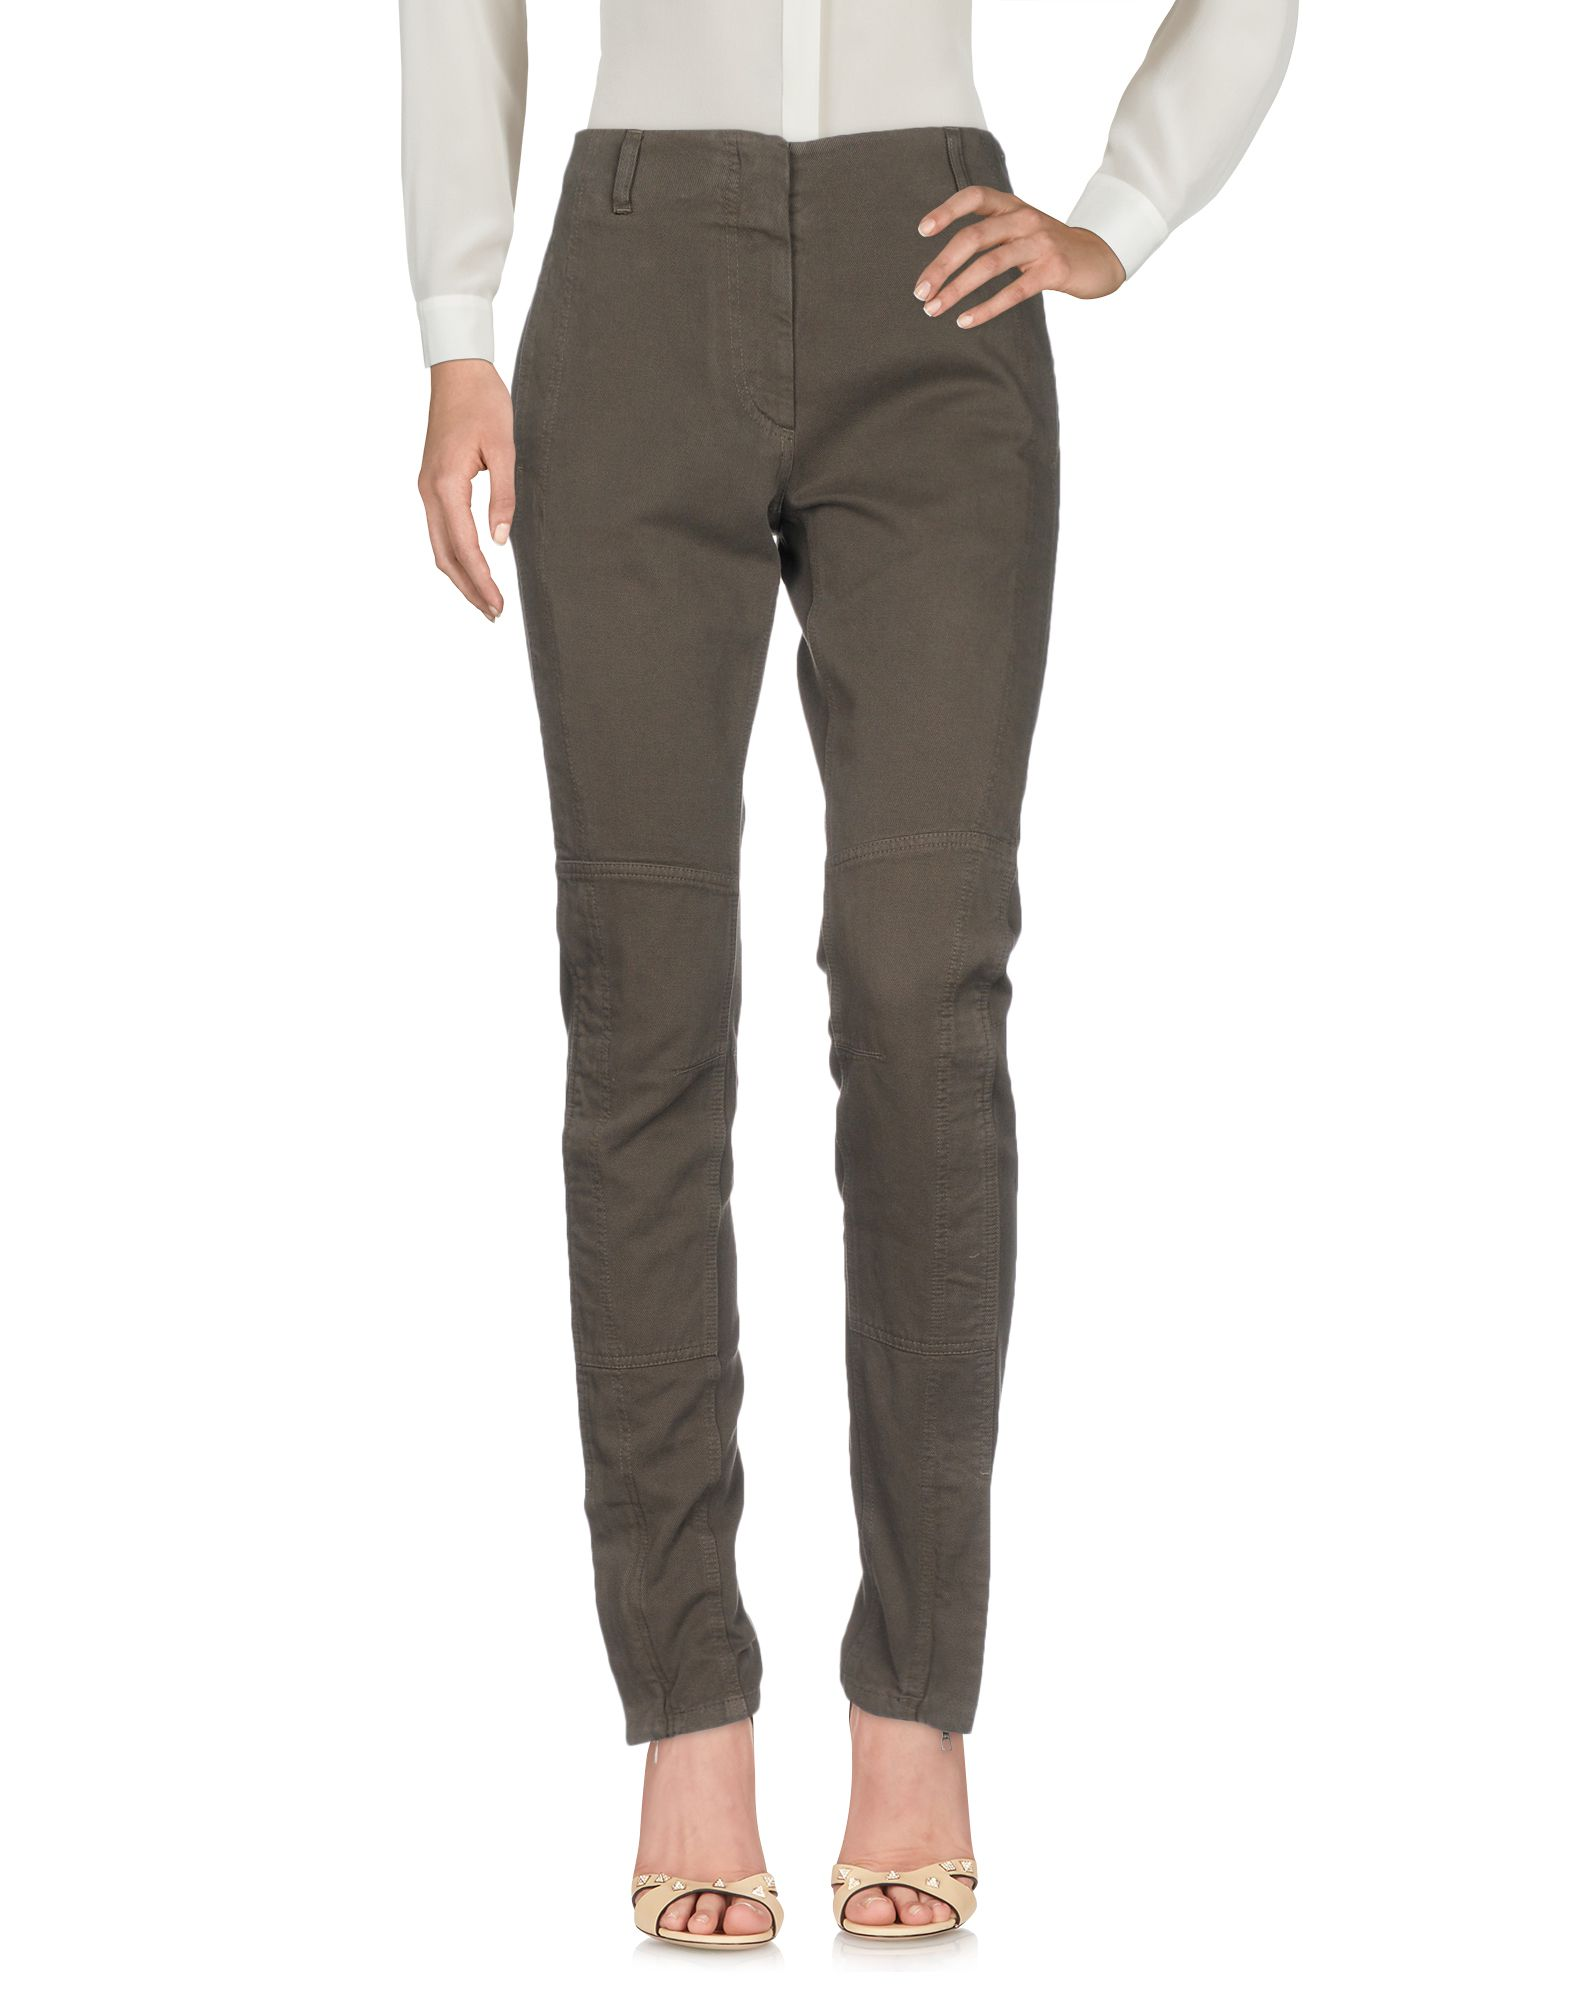 Pantalone Dries Van Noten Donna - Acquista online su 7v8nBN83r